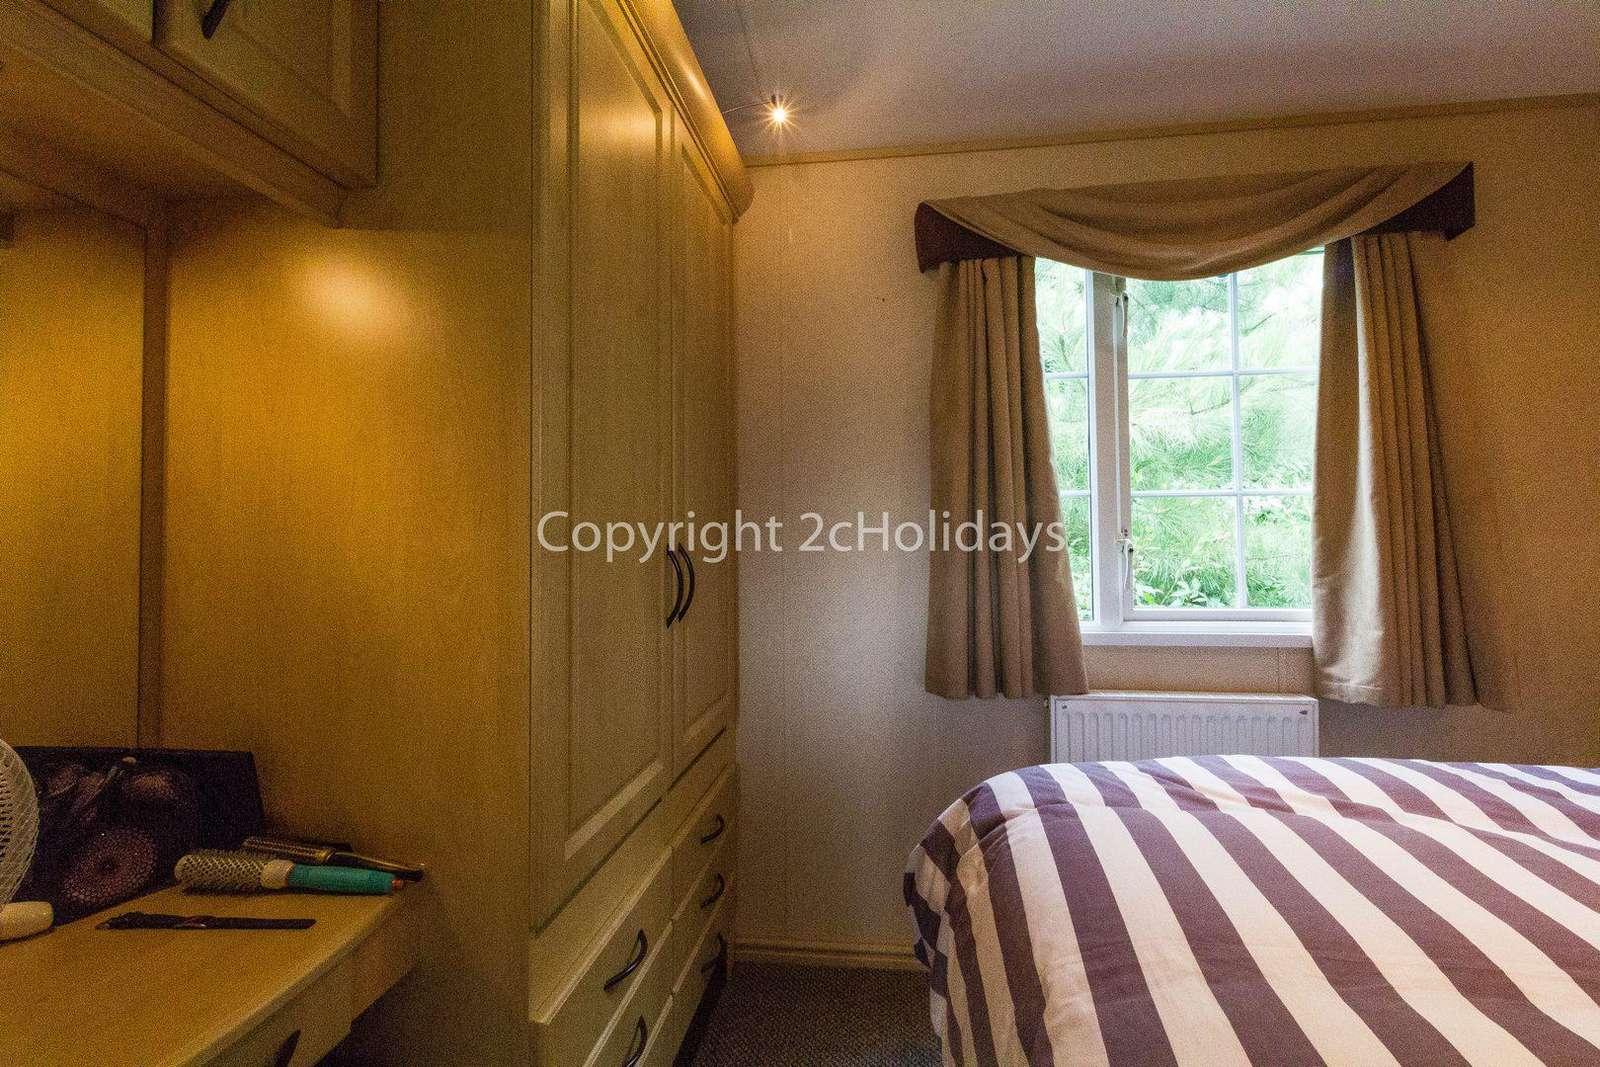 Great wardrobe space in this spacious caravan.